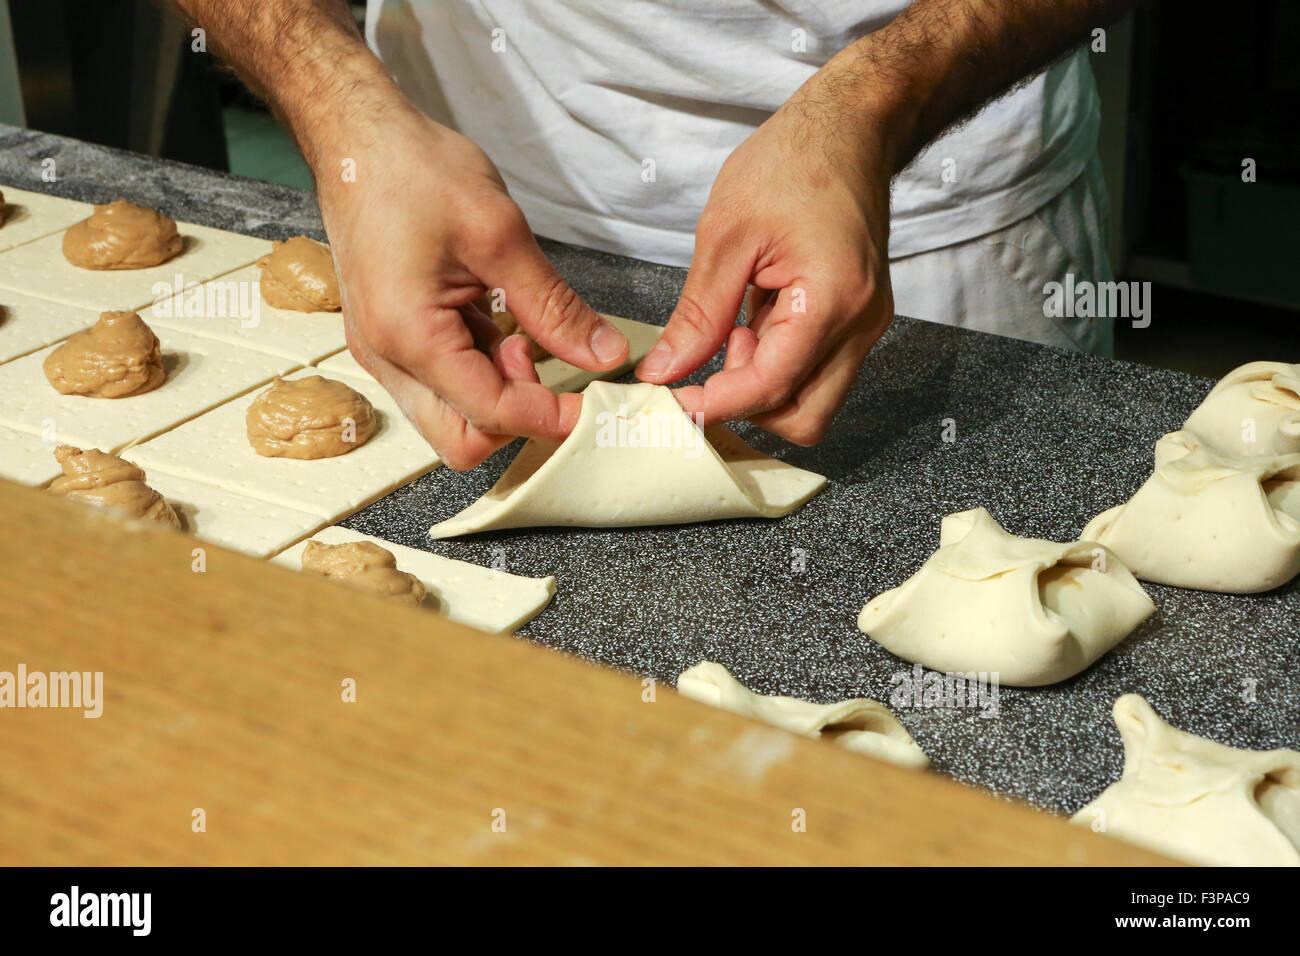 Travaillant dans une boulangerie Baker Photo Stock